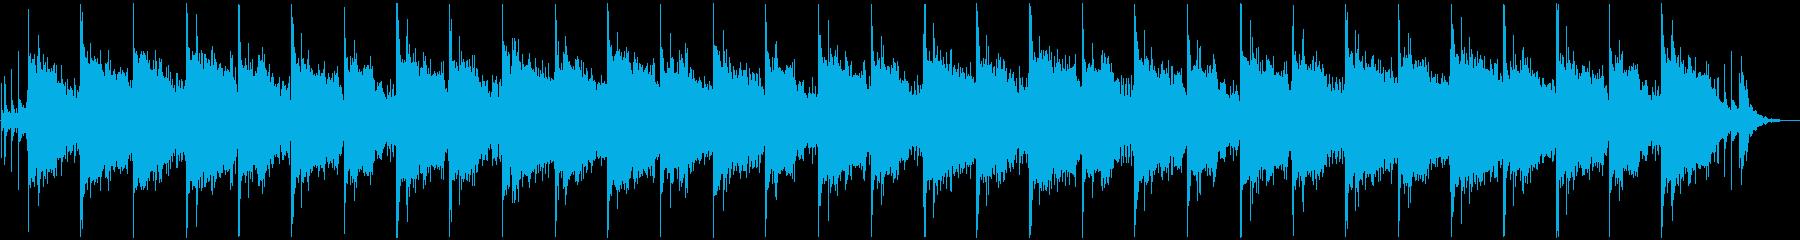 ガムラン風のサウンドをフィーチャーした曲の再生済みの波形